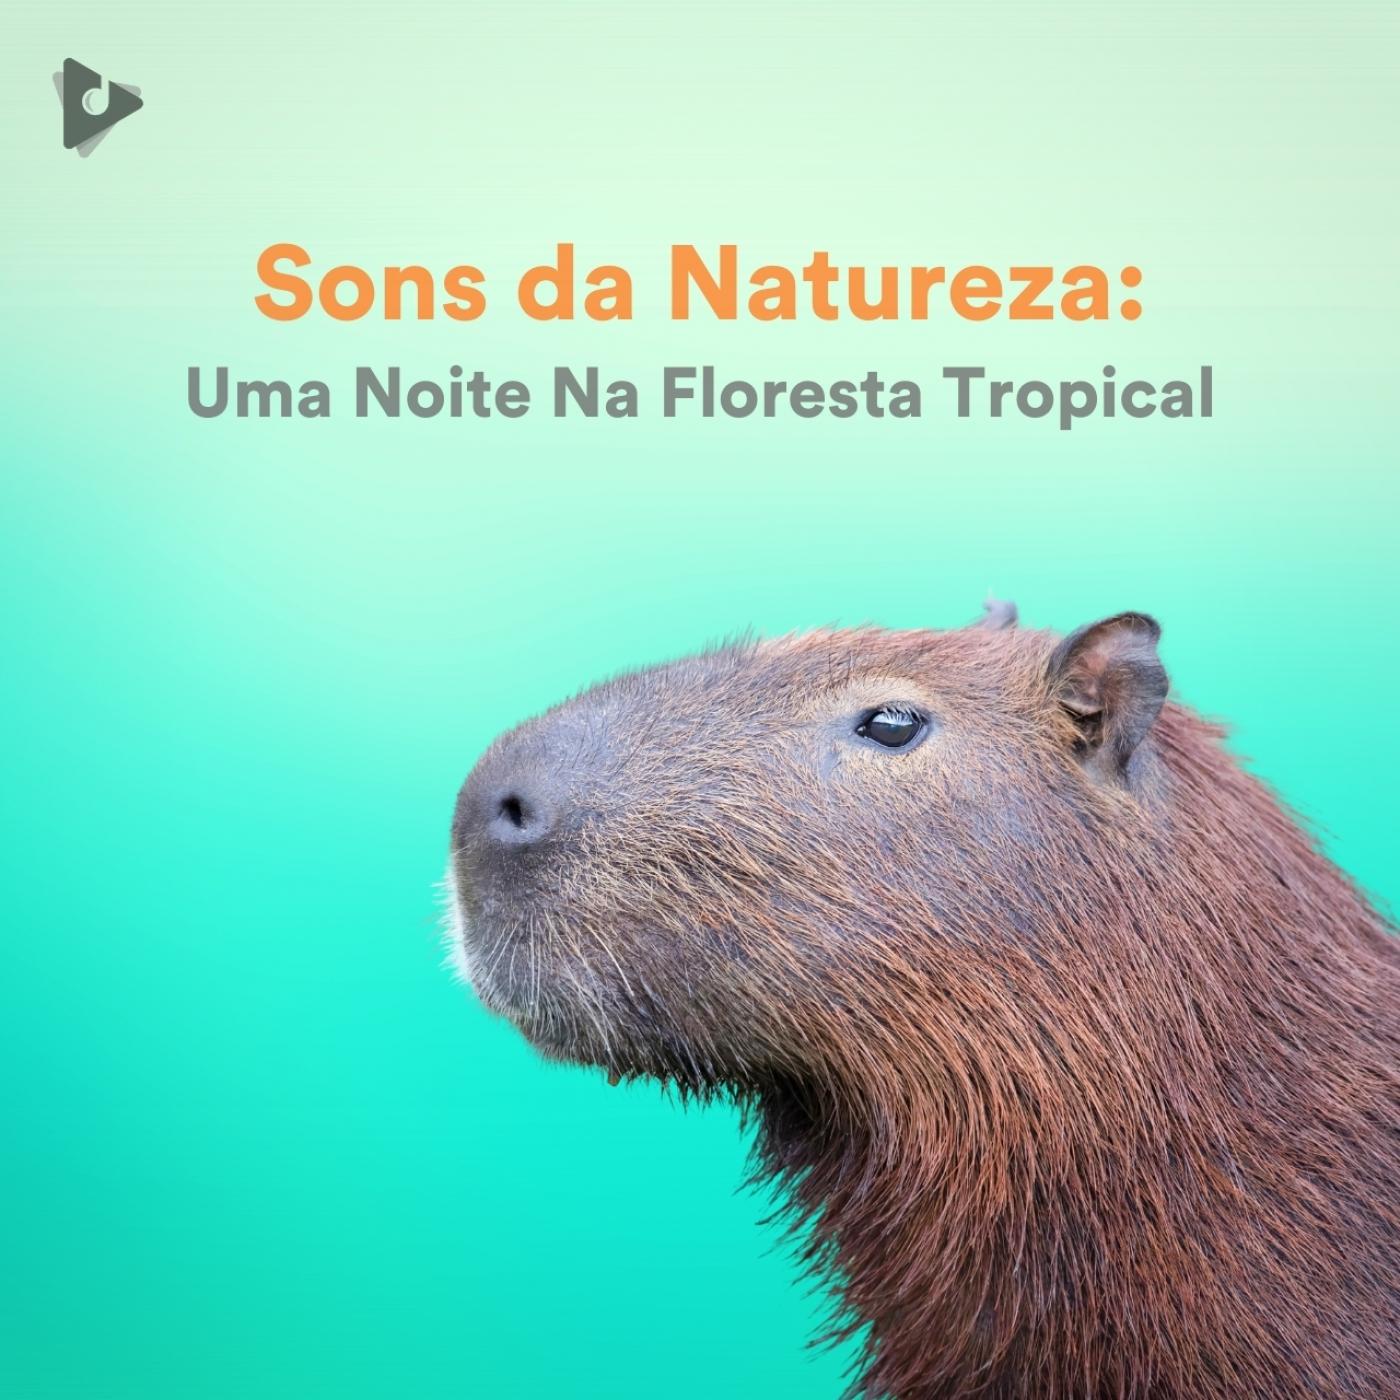 Sons da Natureza: Uma Noite Na Floresta Tropical